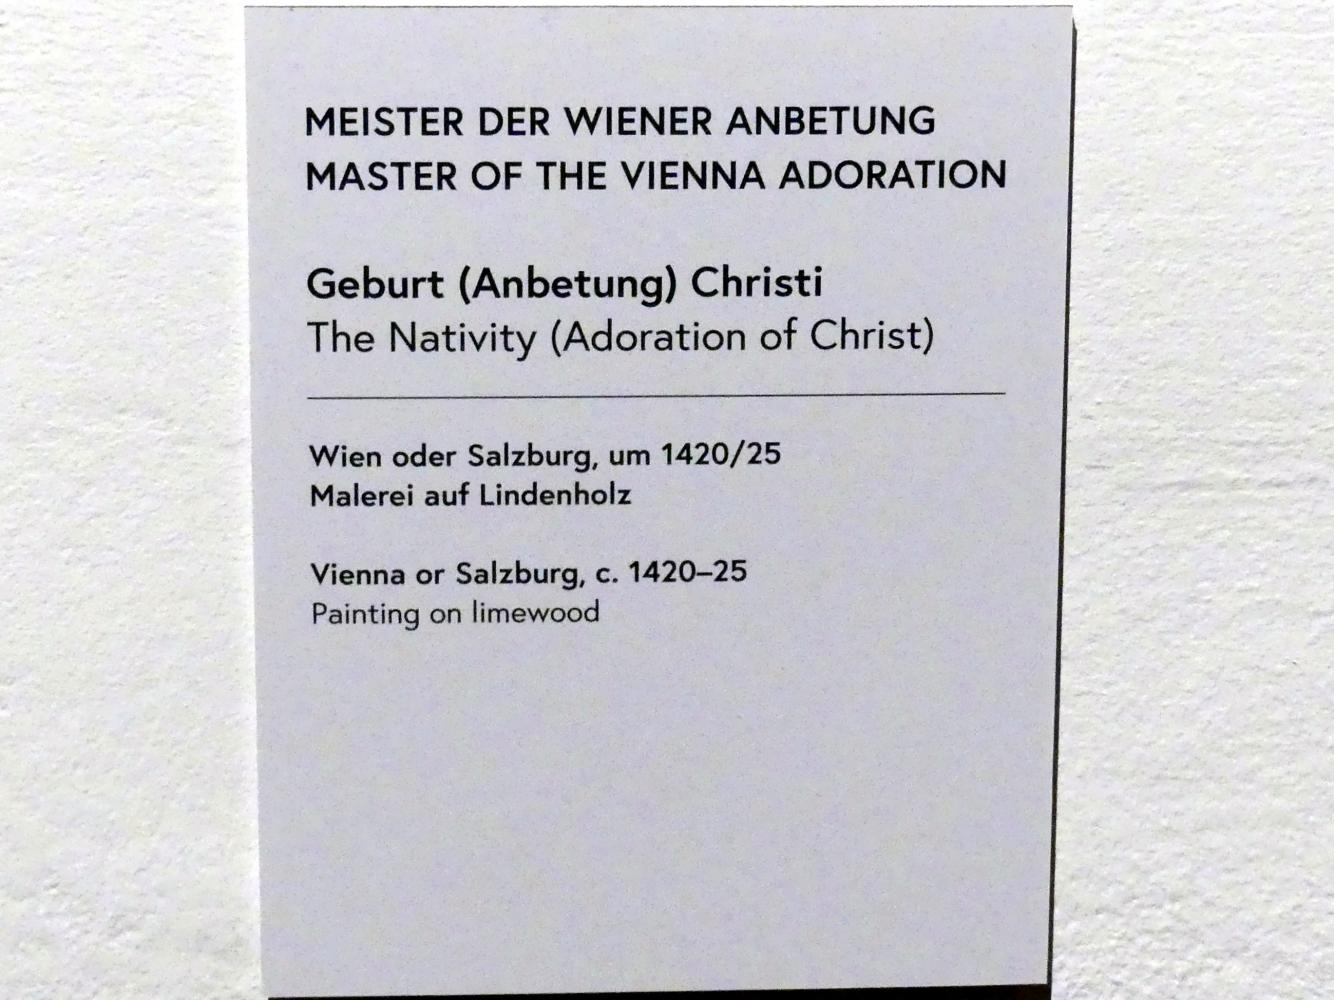 Meister der Wiener Anbetung: Geburt (Anbetung) Christi, um 1420 - 1425, Bild 2/2